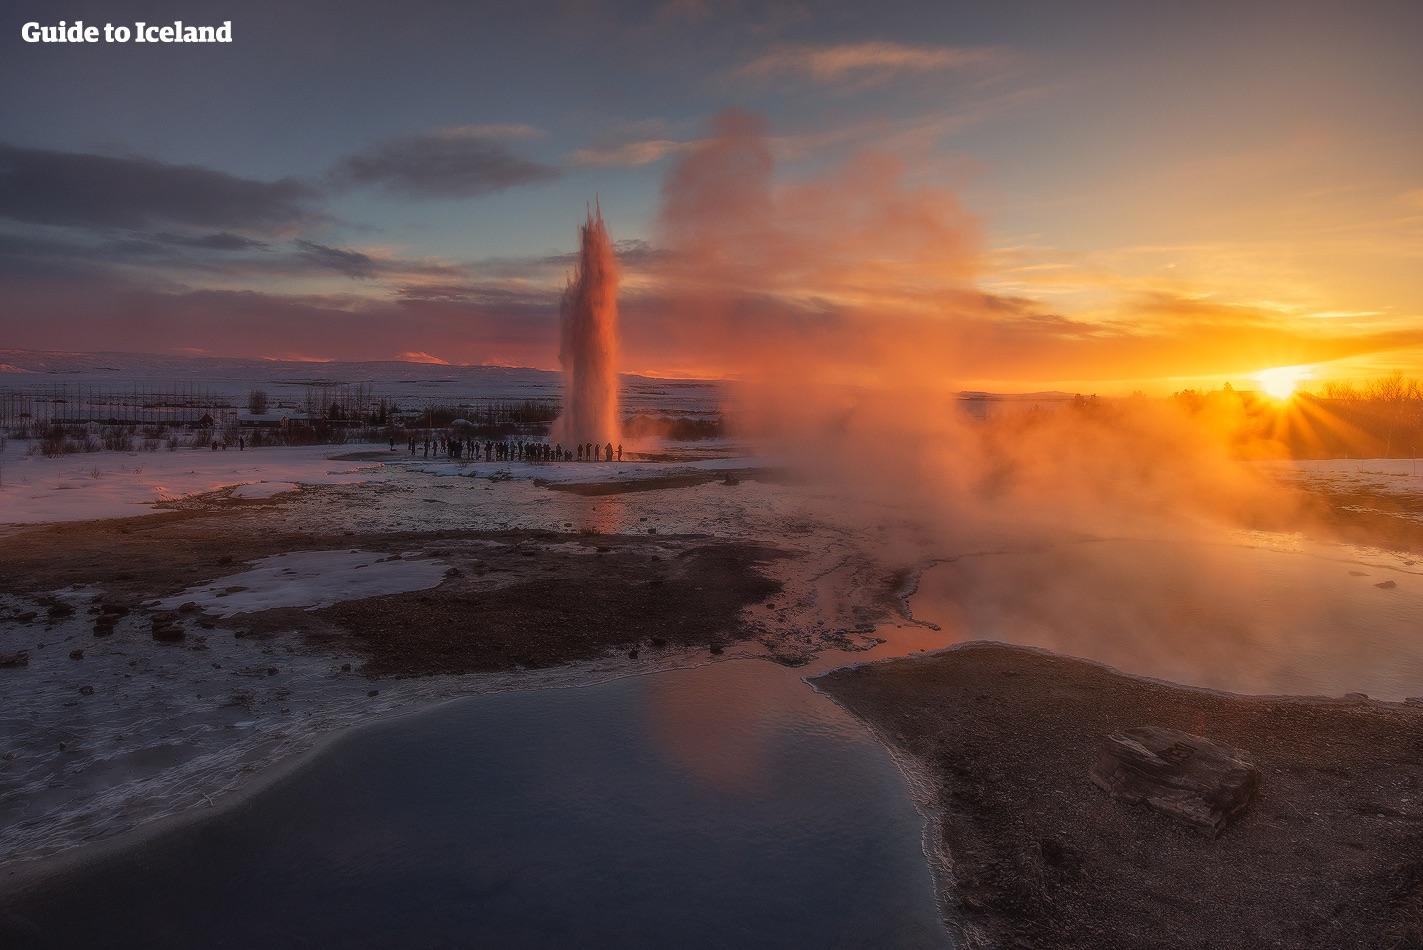 Der Effekt einer permanenten 'Dämmerung', die die wenigen Sonnenstunden von Islands Winter mit sich bringen, bietet großartige Voraussetzungen für perfekte Fotos von Attraktionen wie der Geothermalregion Geysir im Süden.